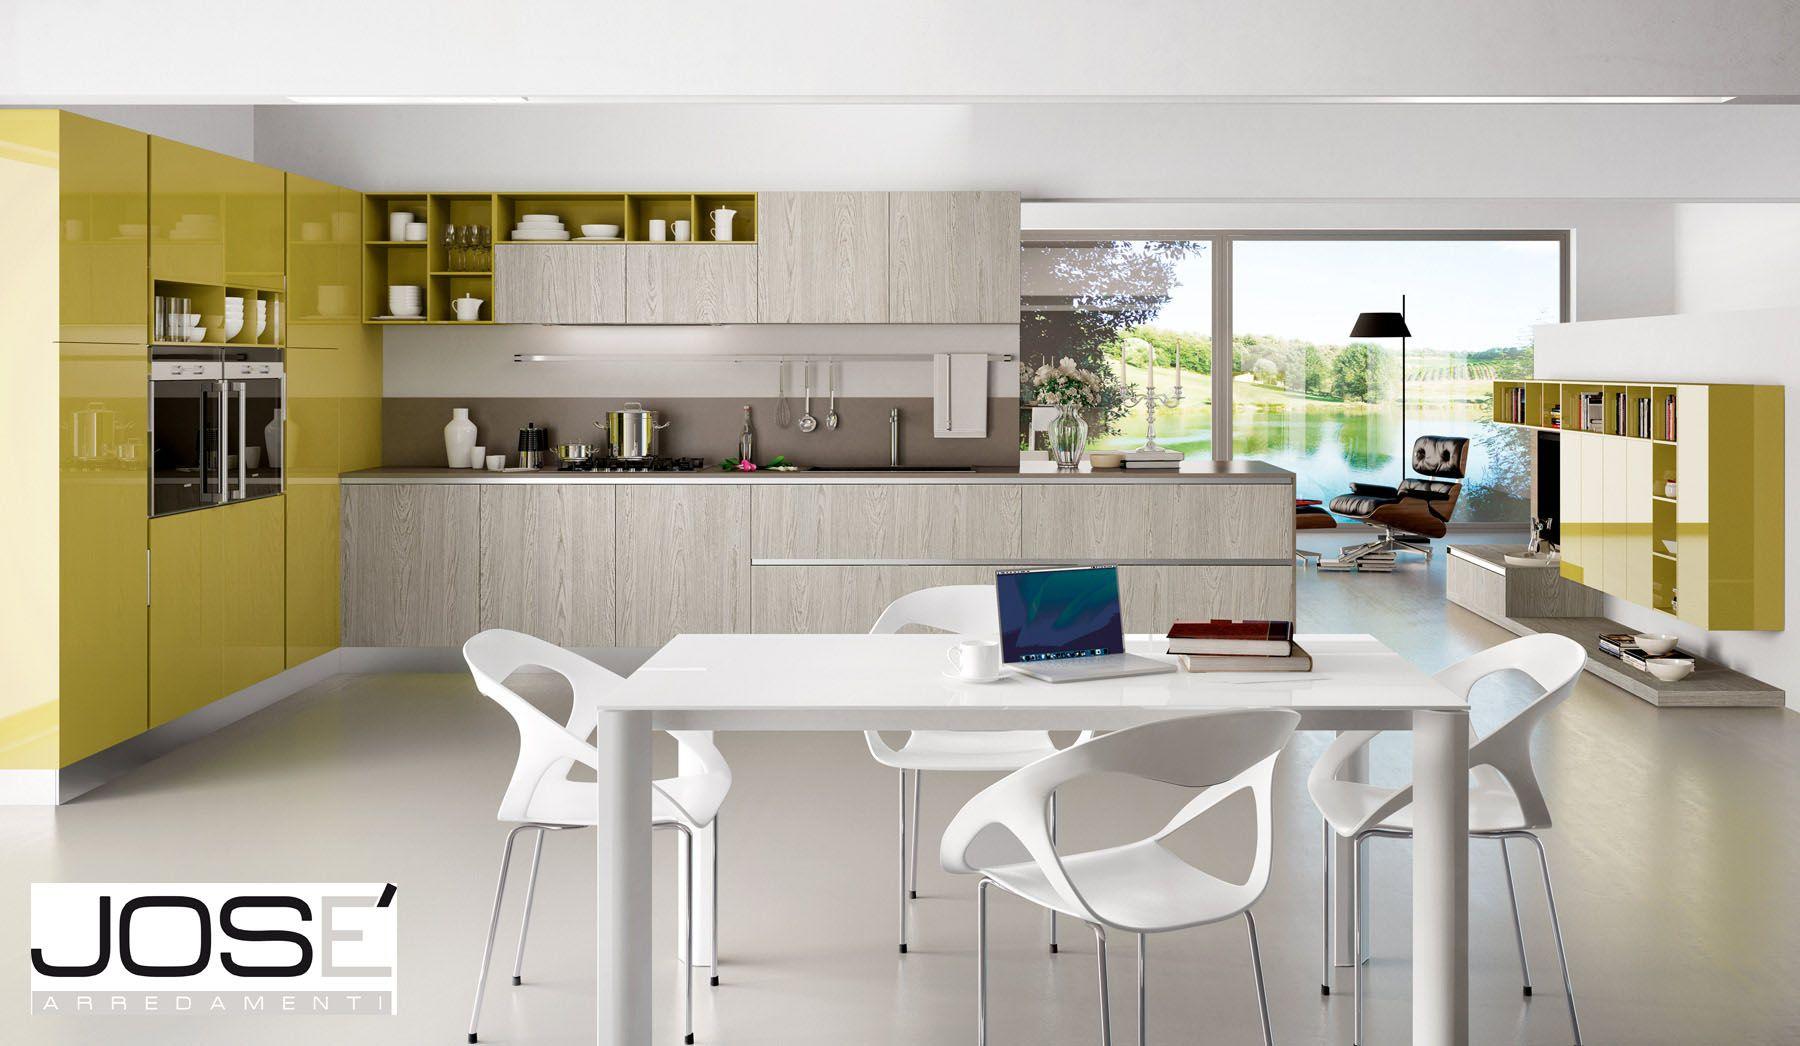 Cucina - bianca e gialla | Le cucine di Josè Arredamenti | Pinterest